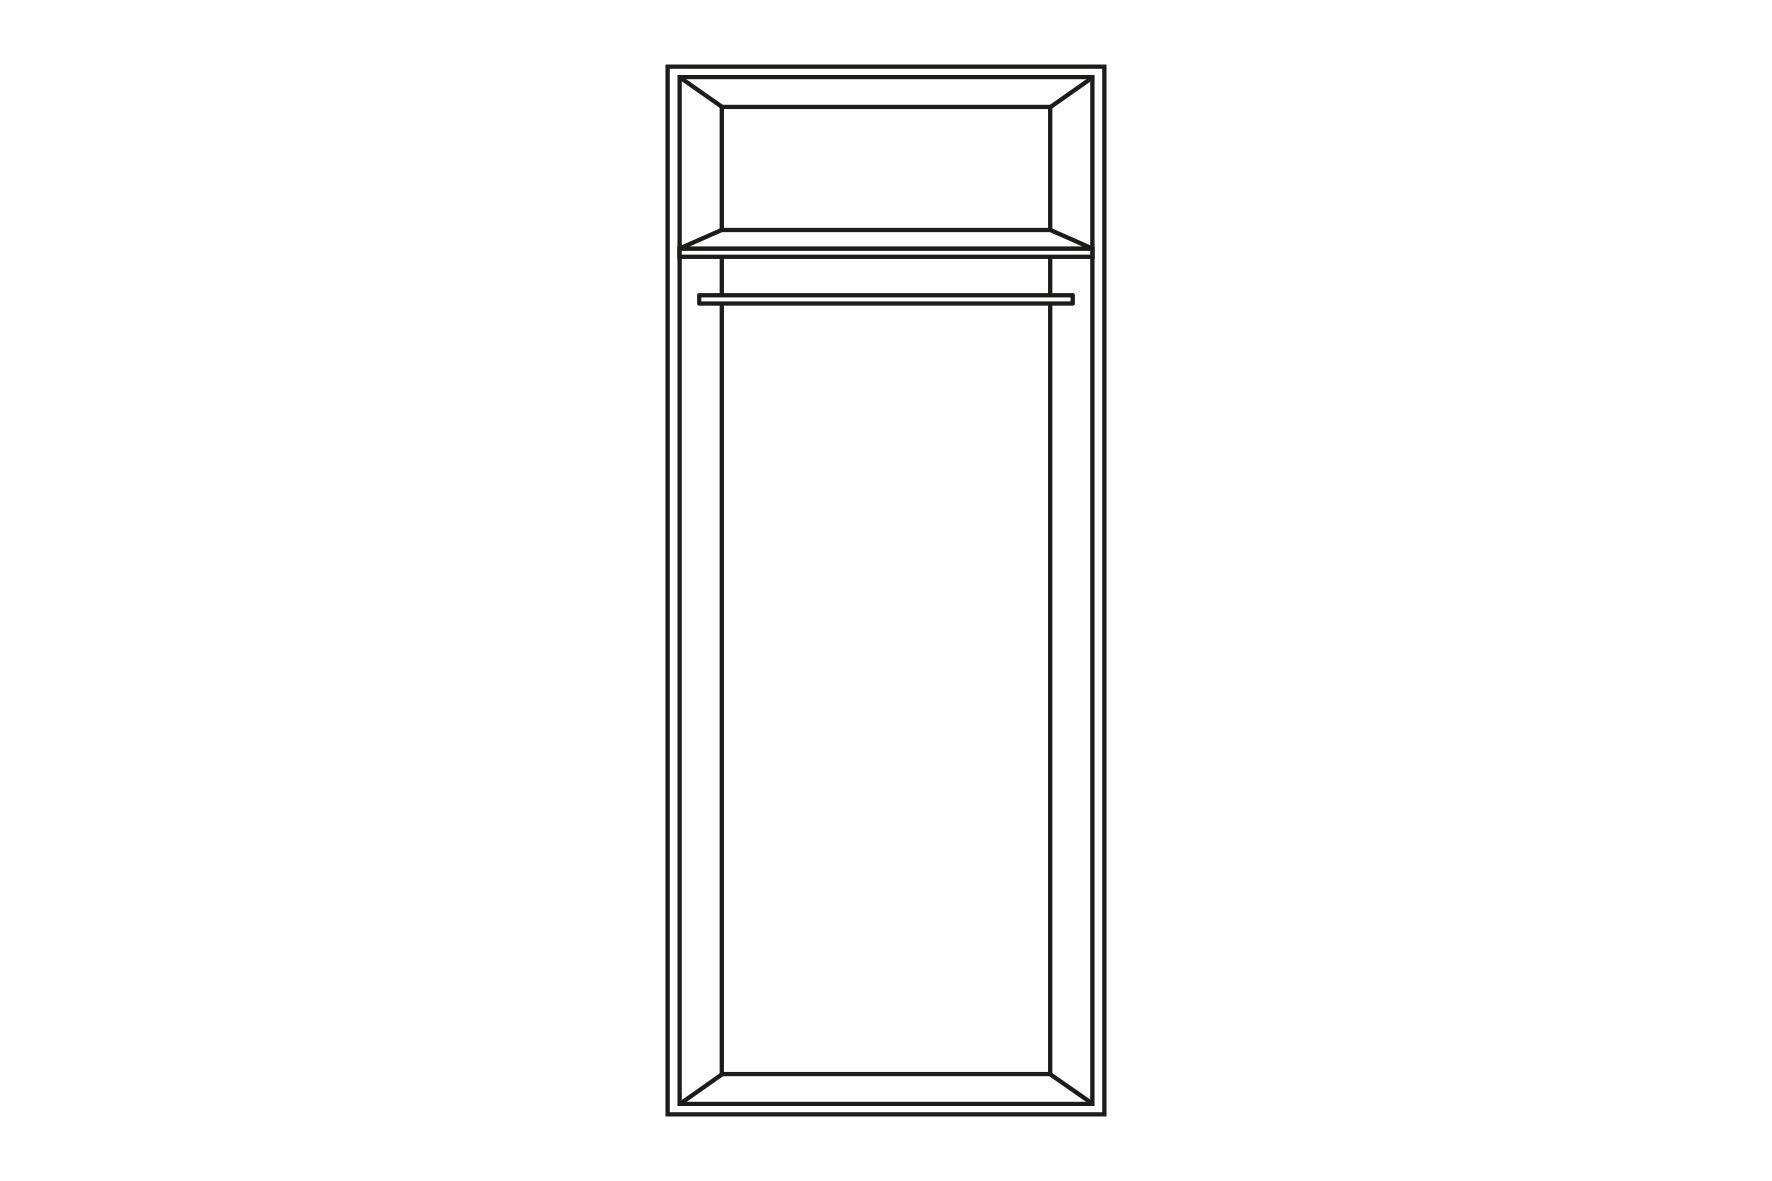 KLEIDERSCHRANK in Grau, Weiß - Chromfarben/Weiß, Design, Holzwerkstoff/Metall (30/208/57cm) - WELNOVA